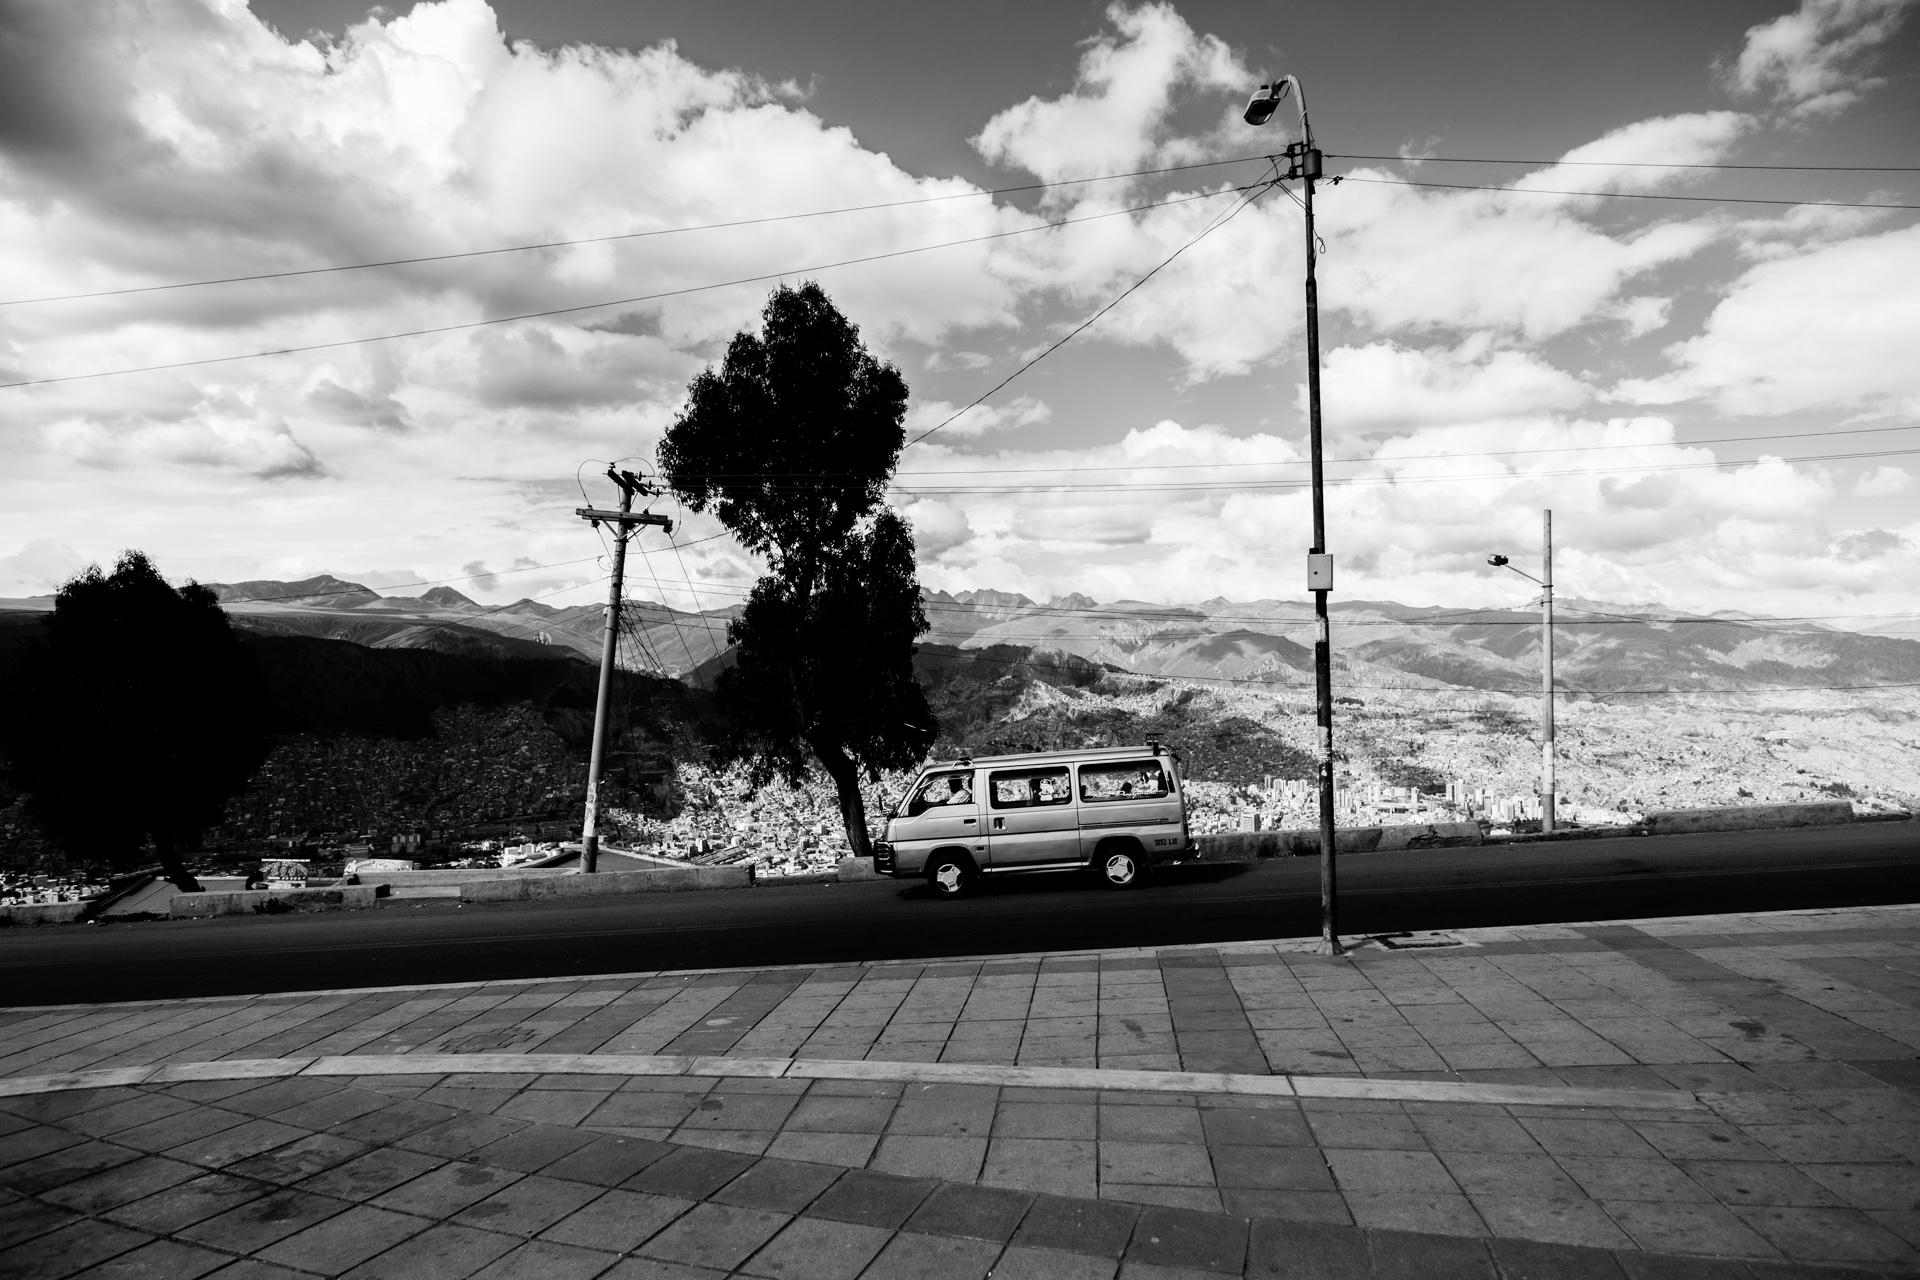 La Paz – Bolivia